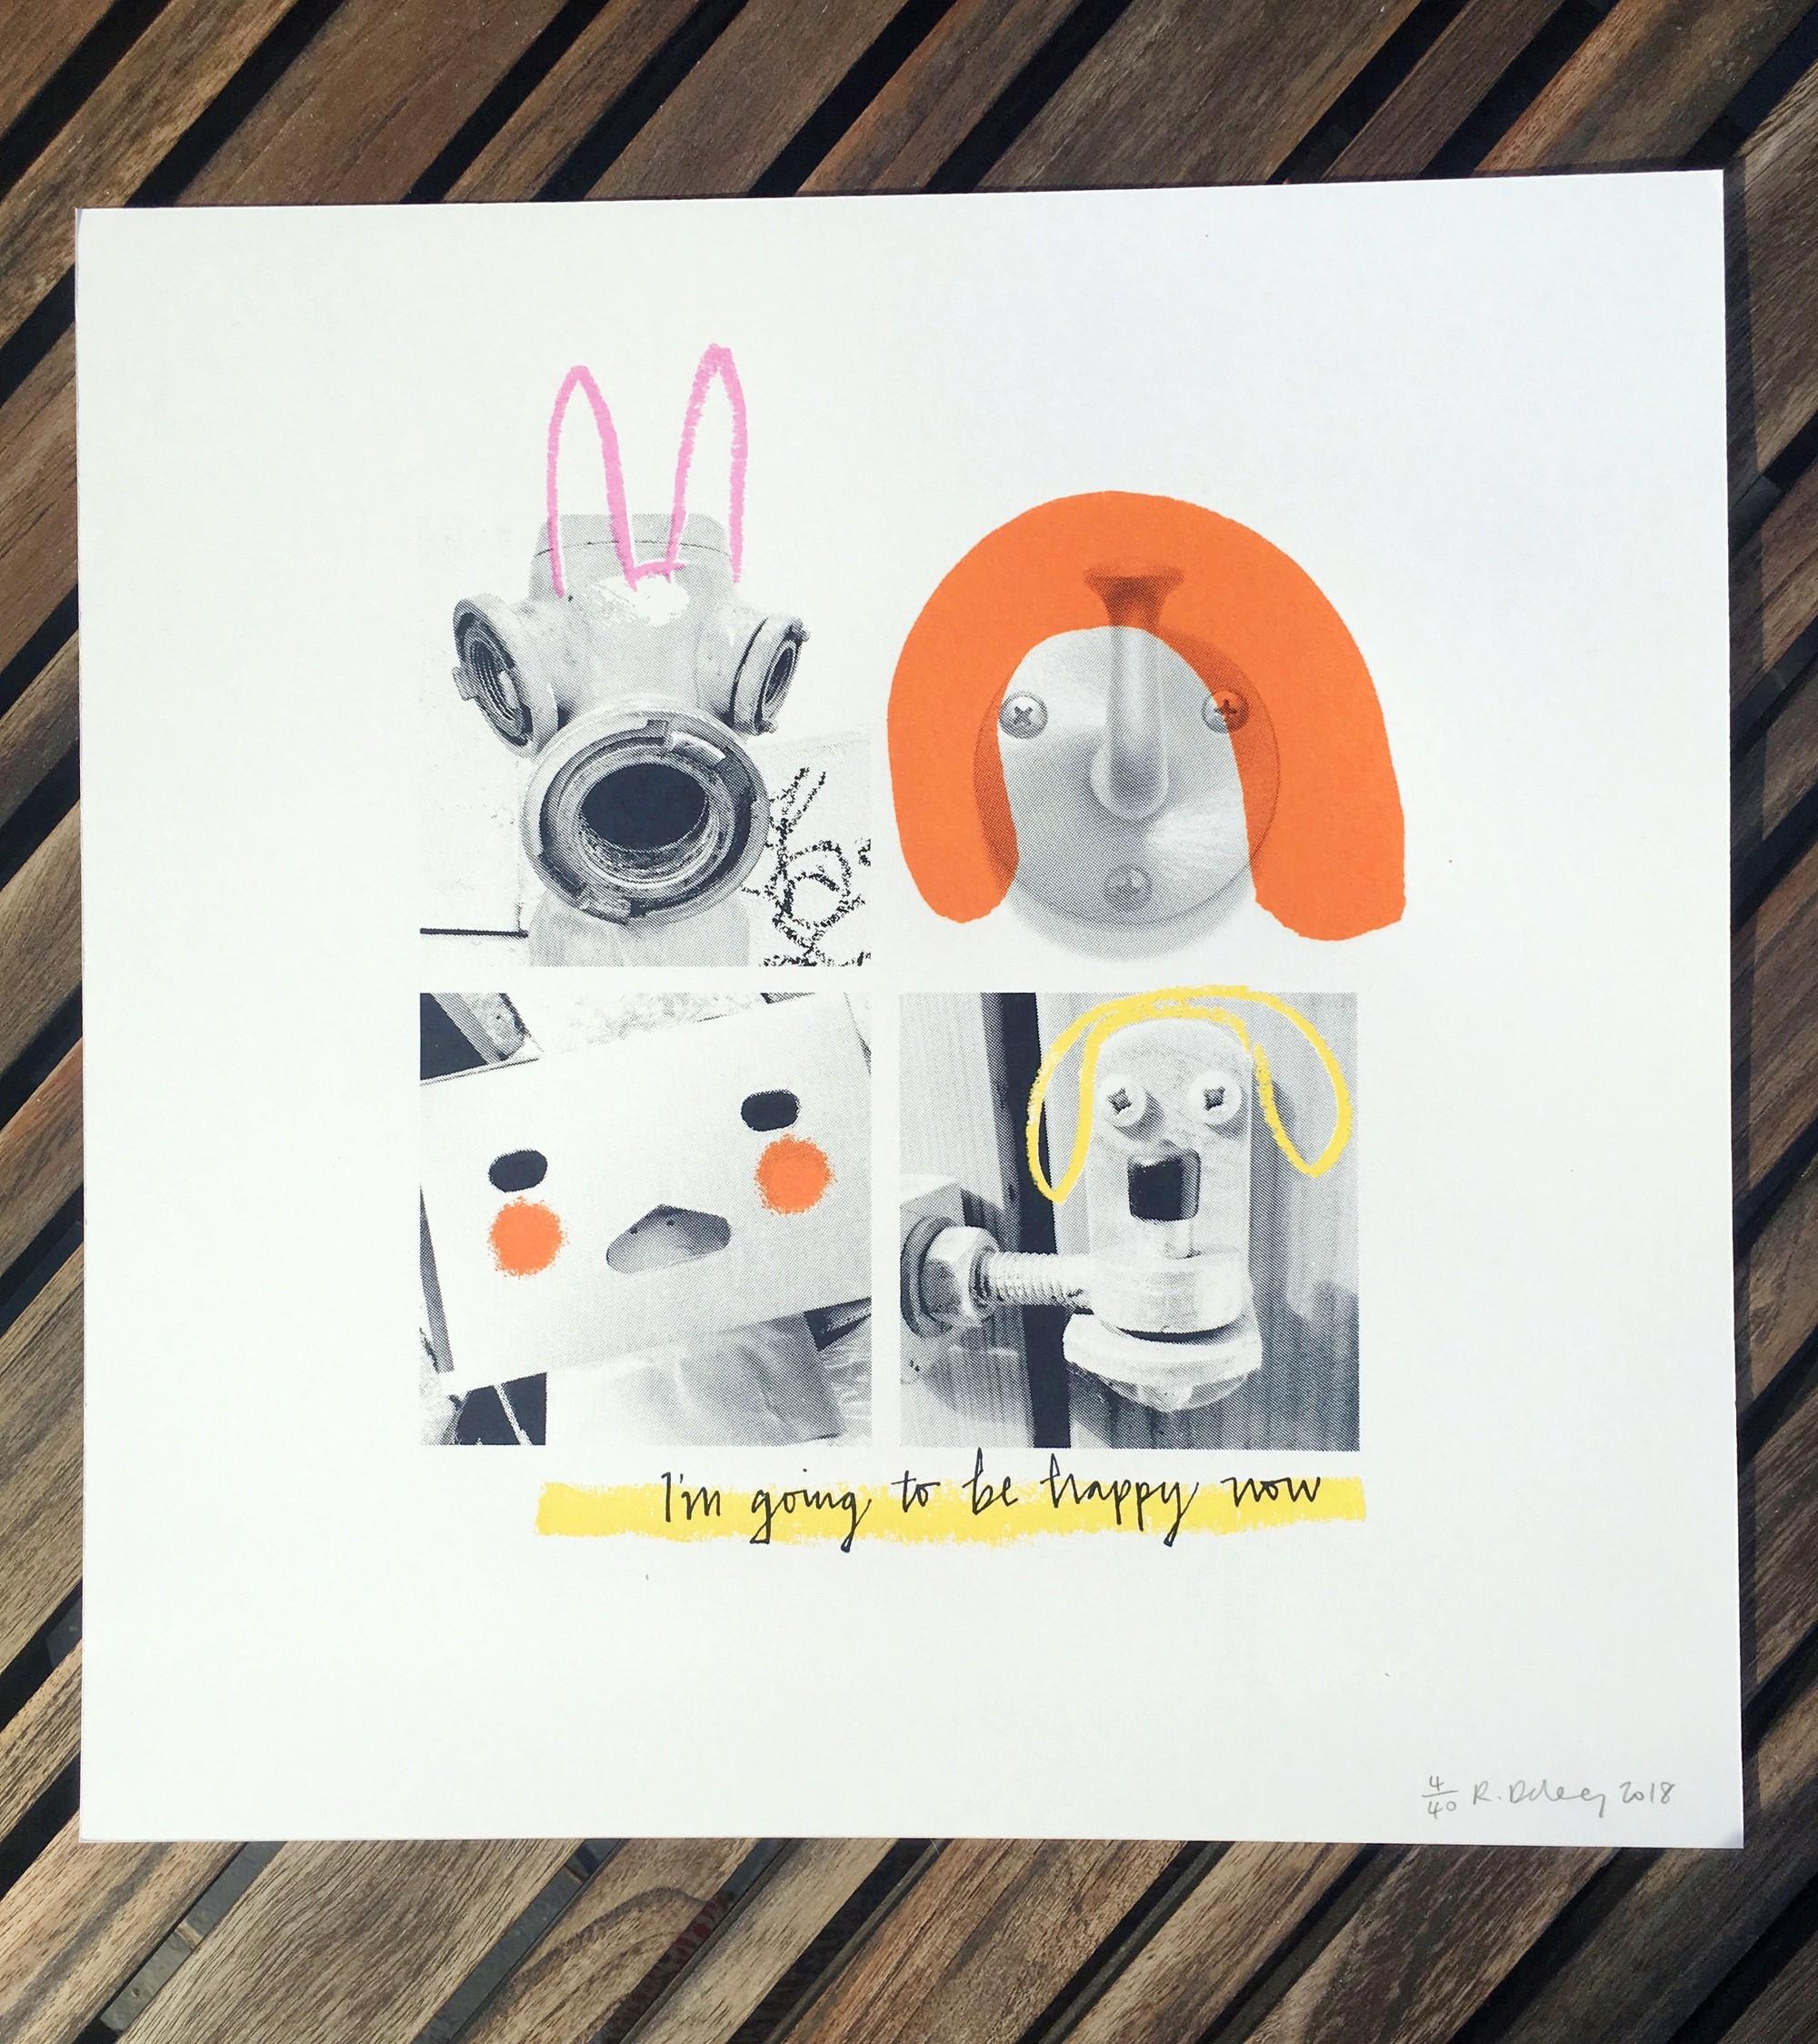 Happy Now Print  - £25  Tictail, Romaine Delaney